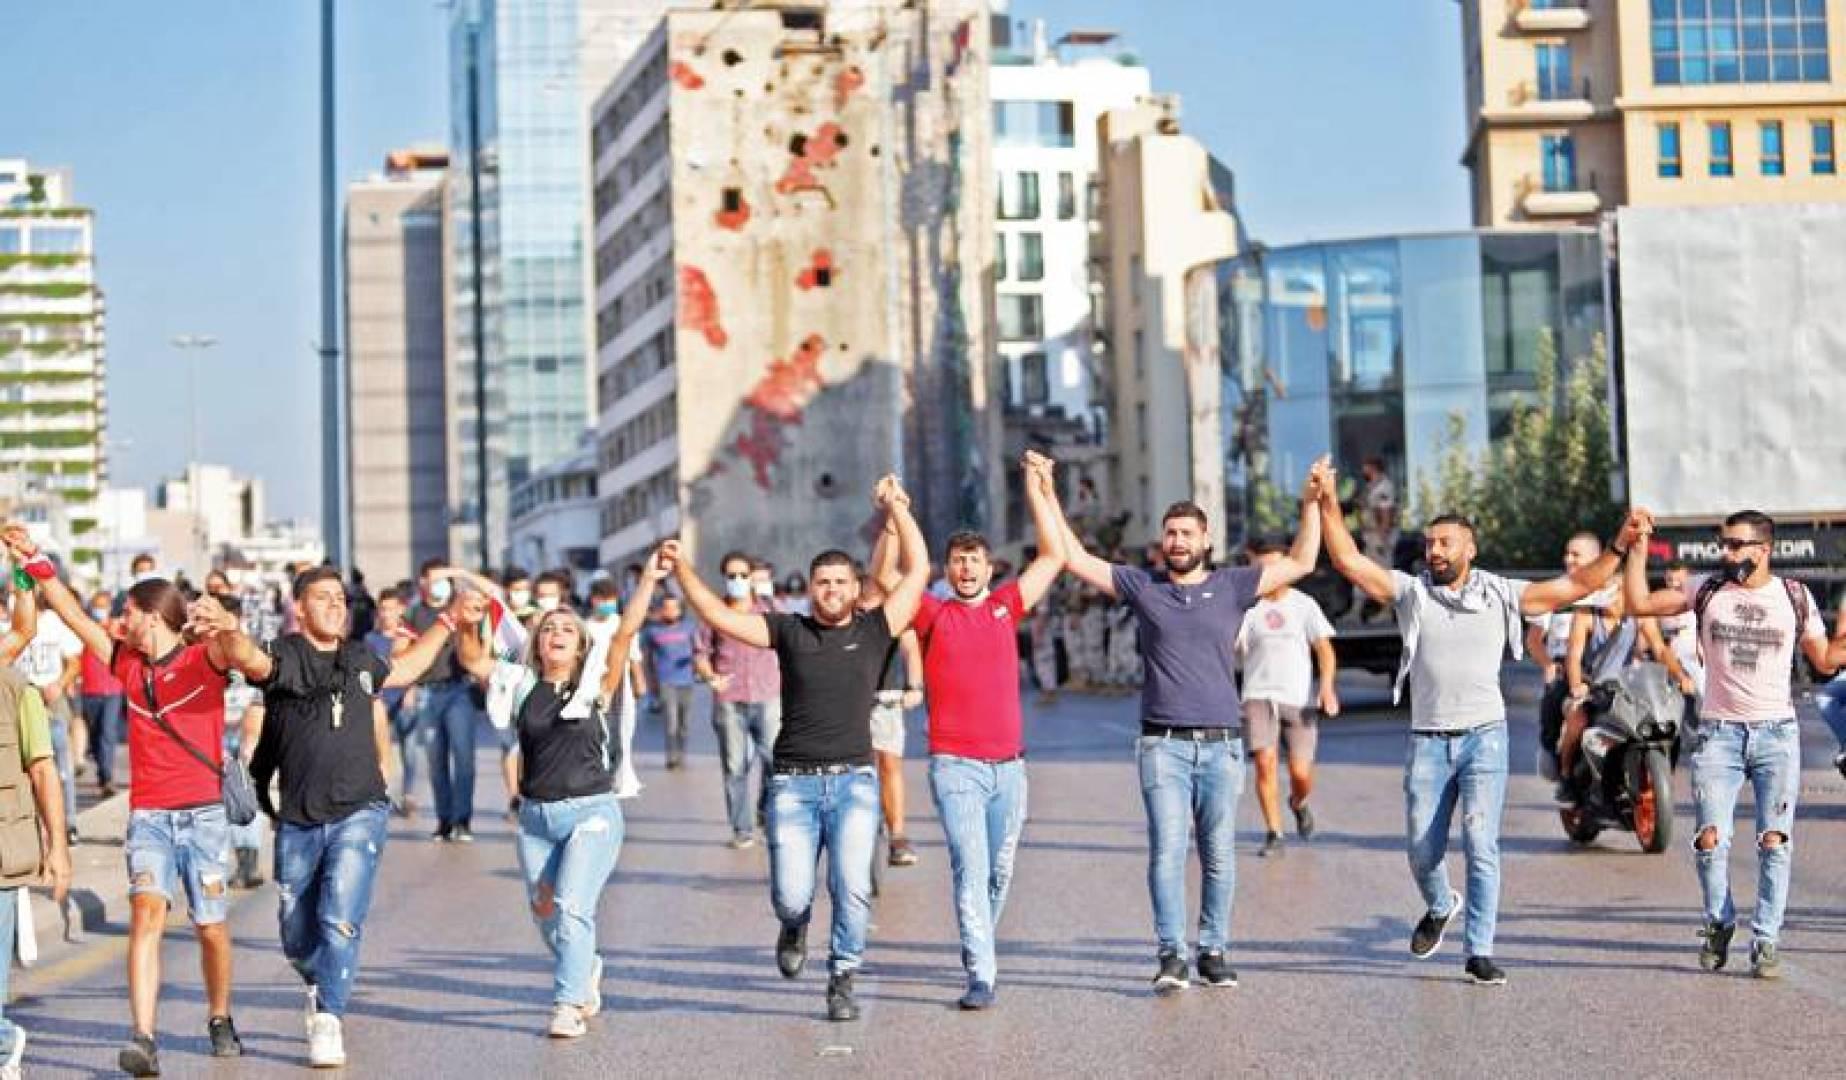 لبنانيون يشبكون أياديهم أثناء مسيرة  في بيروت بمناسبة مرور عام على الاحتجاجات  التي عرفت بـ«ثورة 17 اكتوبر» (أ ف ب)